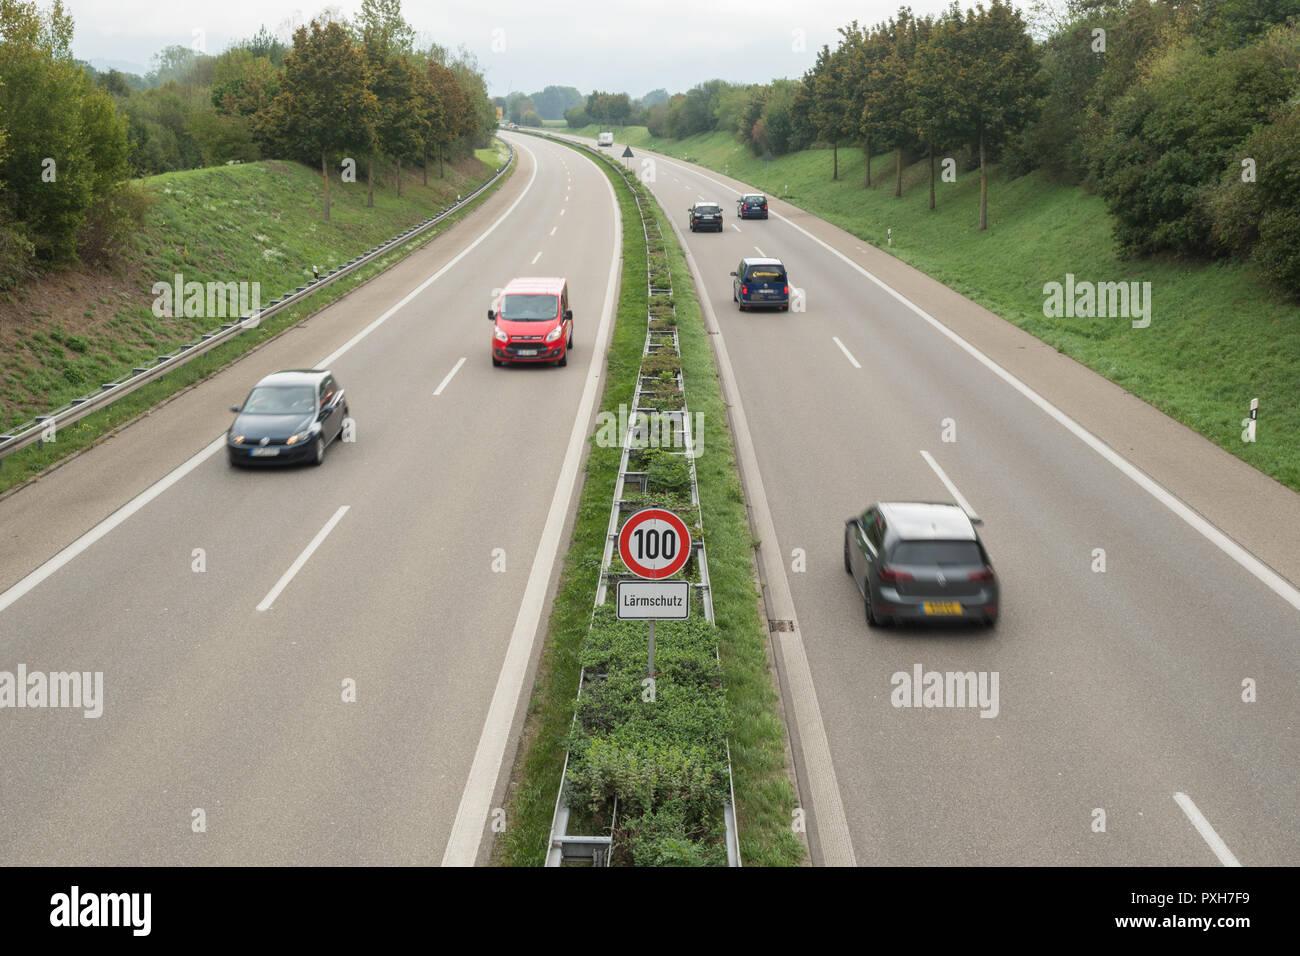 Reducción de ruido de tráfico en carretera - reducción del límite de velocidad en la Autobahn alemana para reducir la contaminación acústica - Freiburg, Alemania, Europa Imagen De Stock